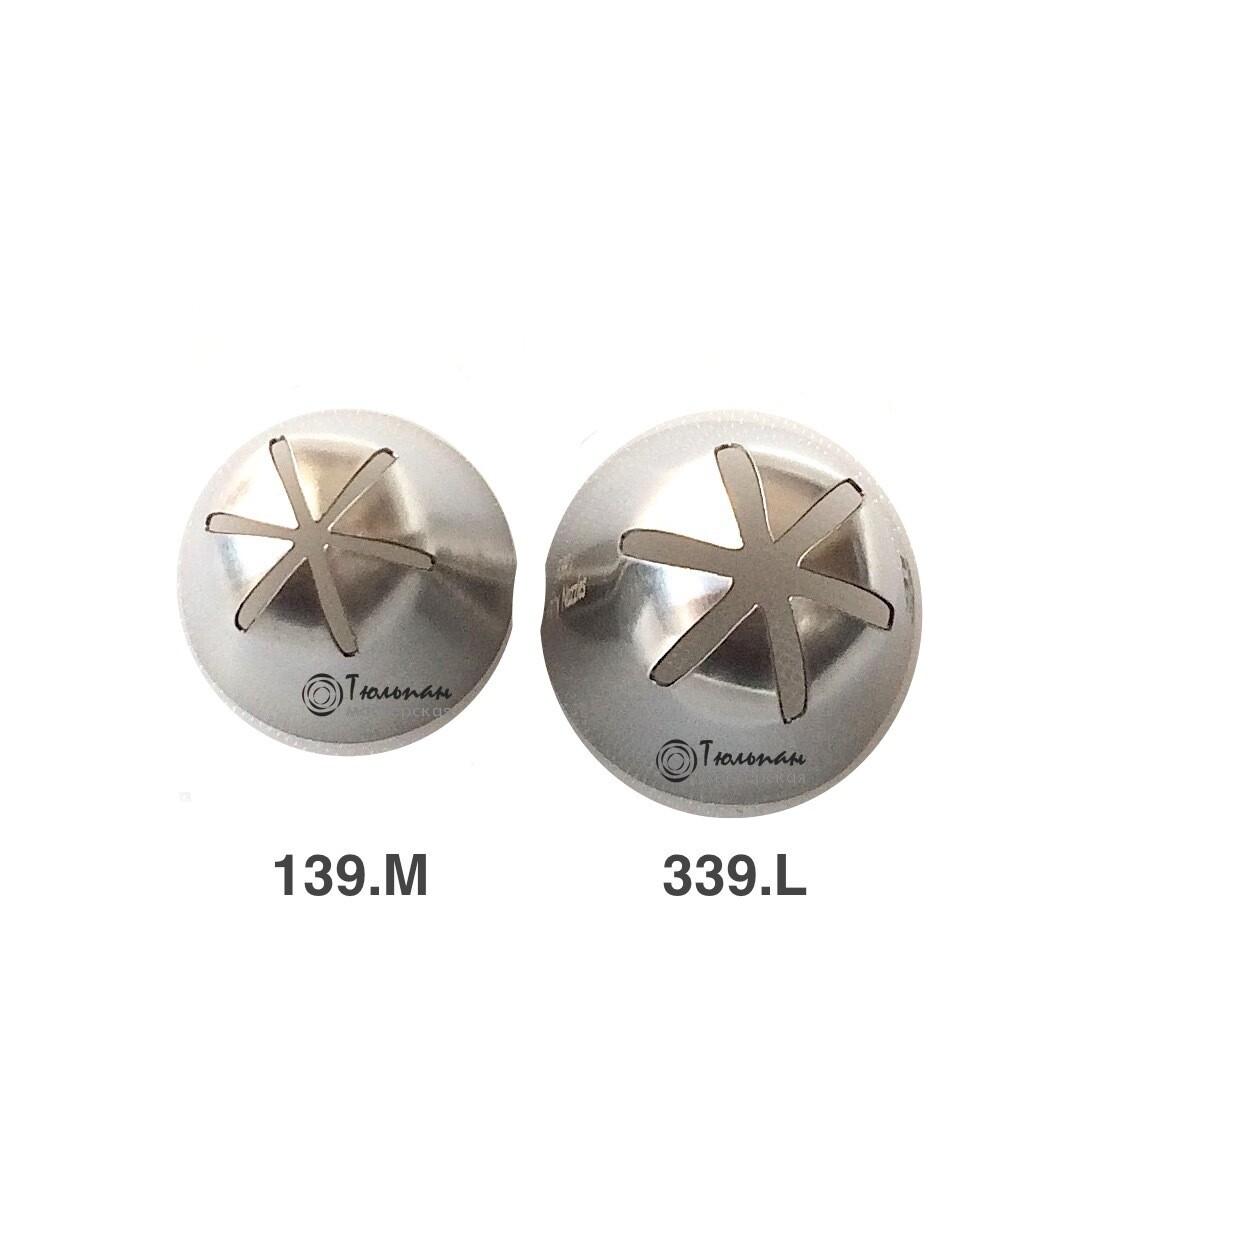 Насадка закрытая звезда №139, 339, 539 (239) | Роза Джаз (6 лучей) - Standard closed star tip #139, 339, 239 (539) | Rose Jazz | by Tulip Workshop